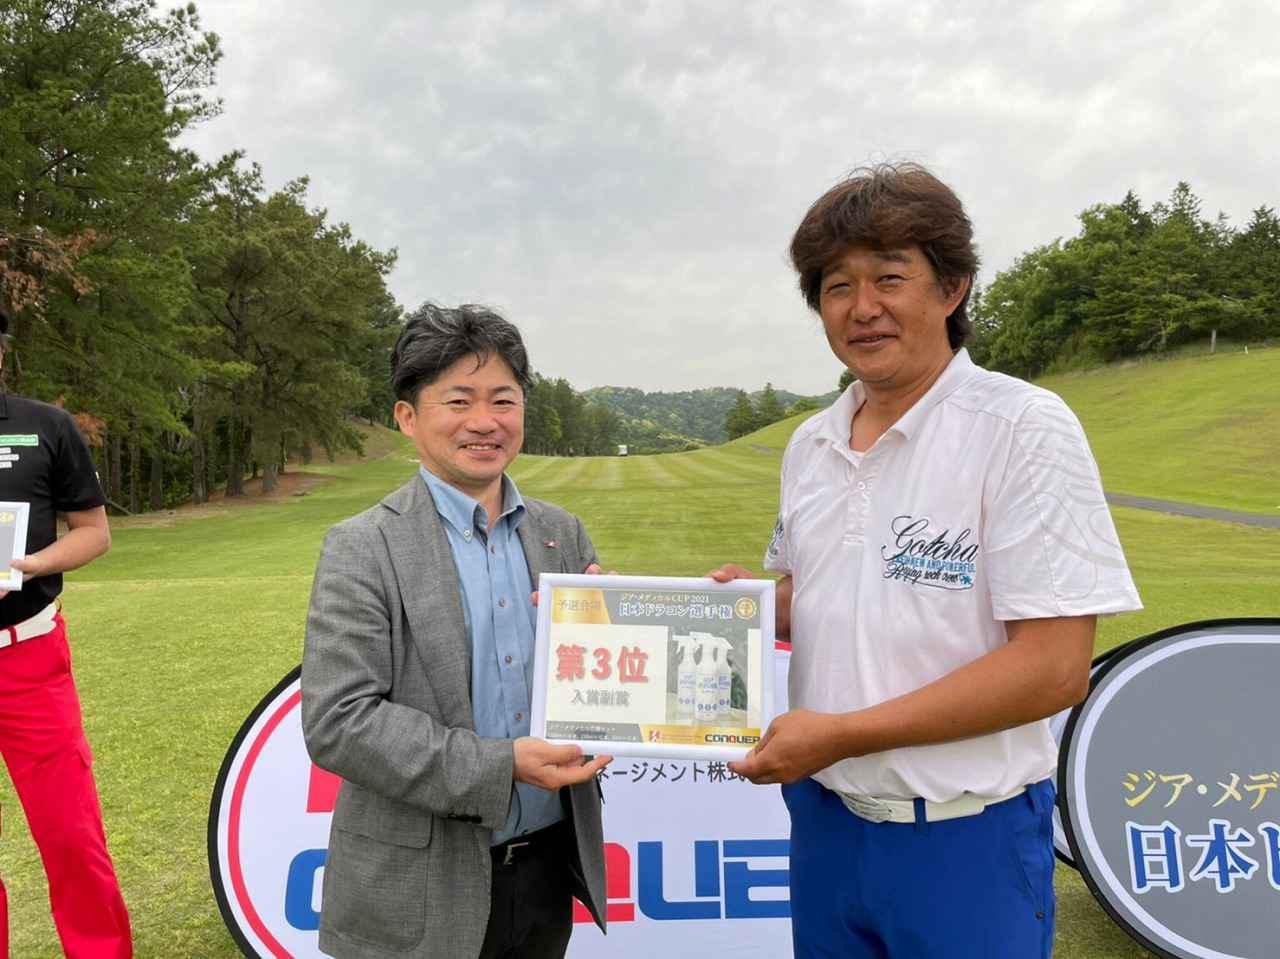 画像: 第9予選 シニア(50+)第3位 菅島 選手